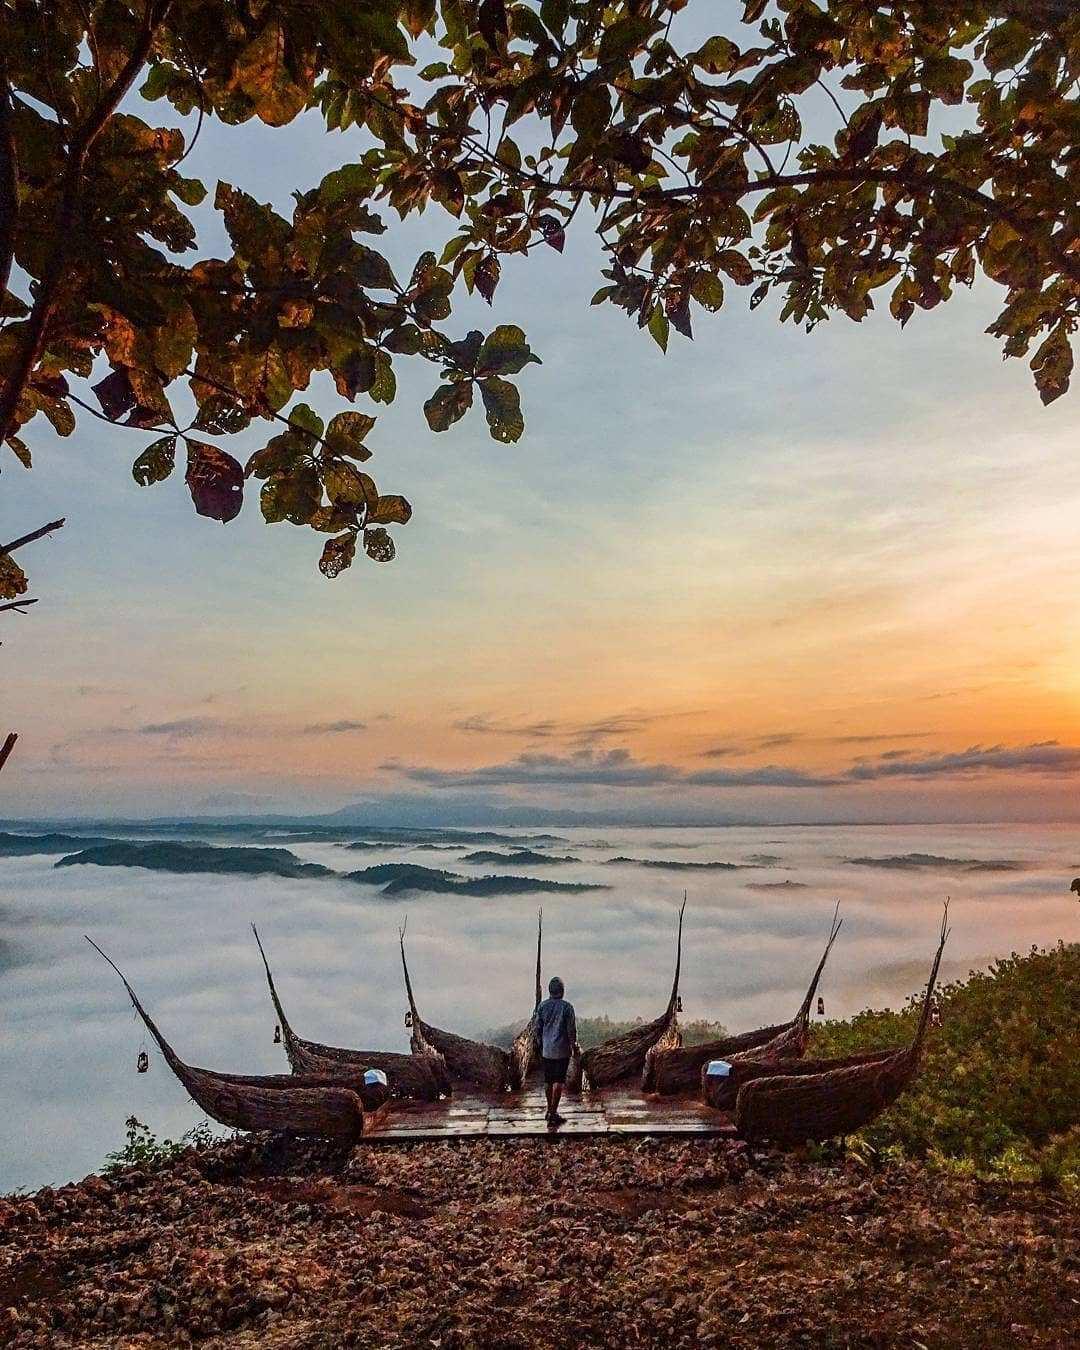 Obejek Foto Hasta Apsari di Watu Payung Image From @anwarrwae